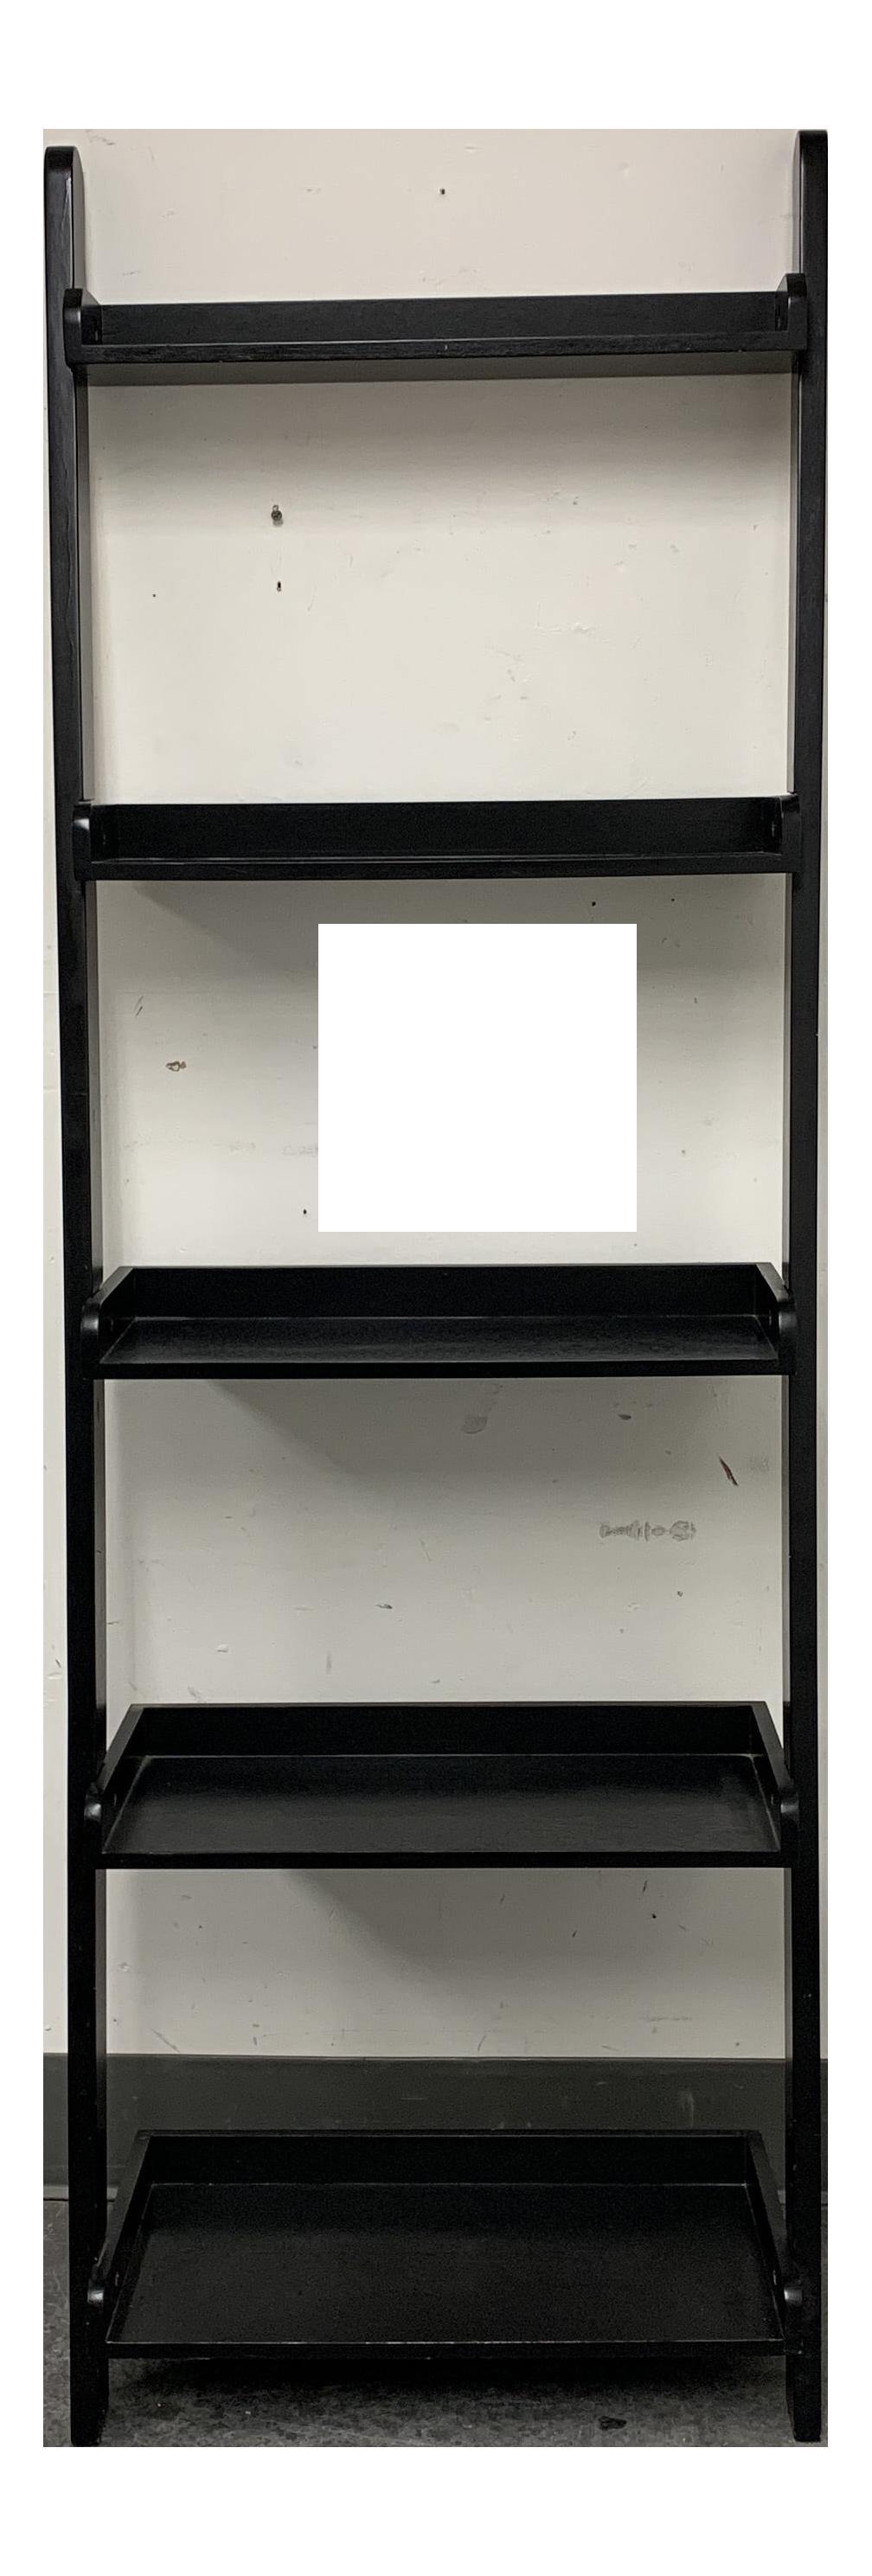 Crate Barrel Black Finished Ladder Bookcase